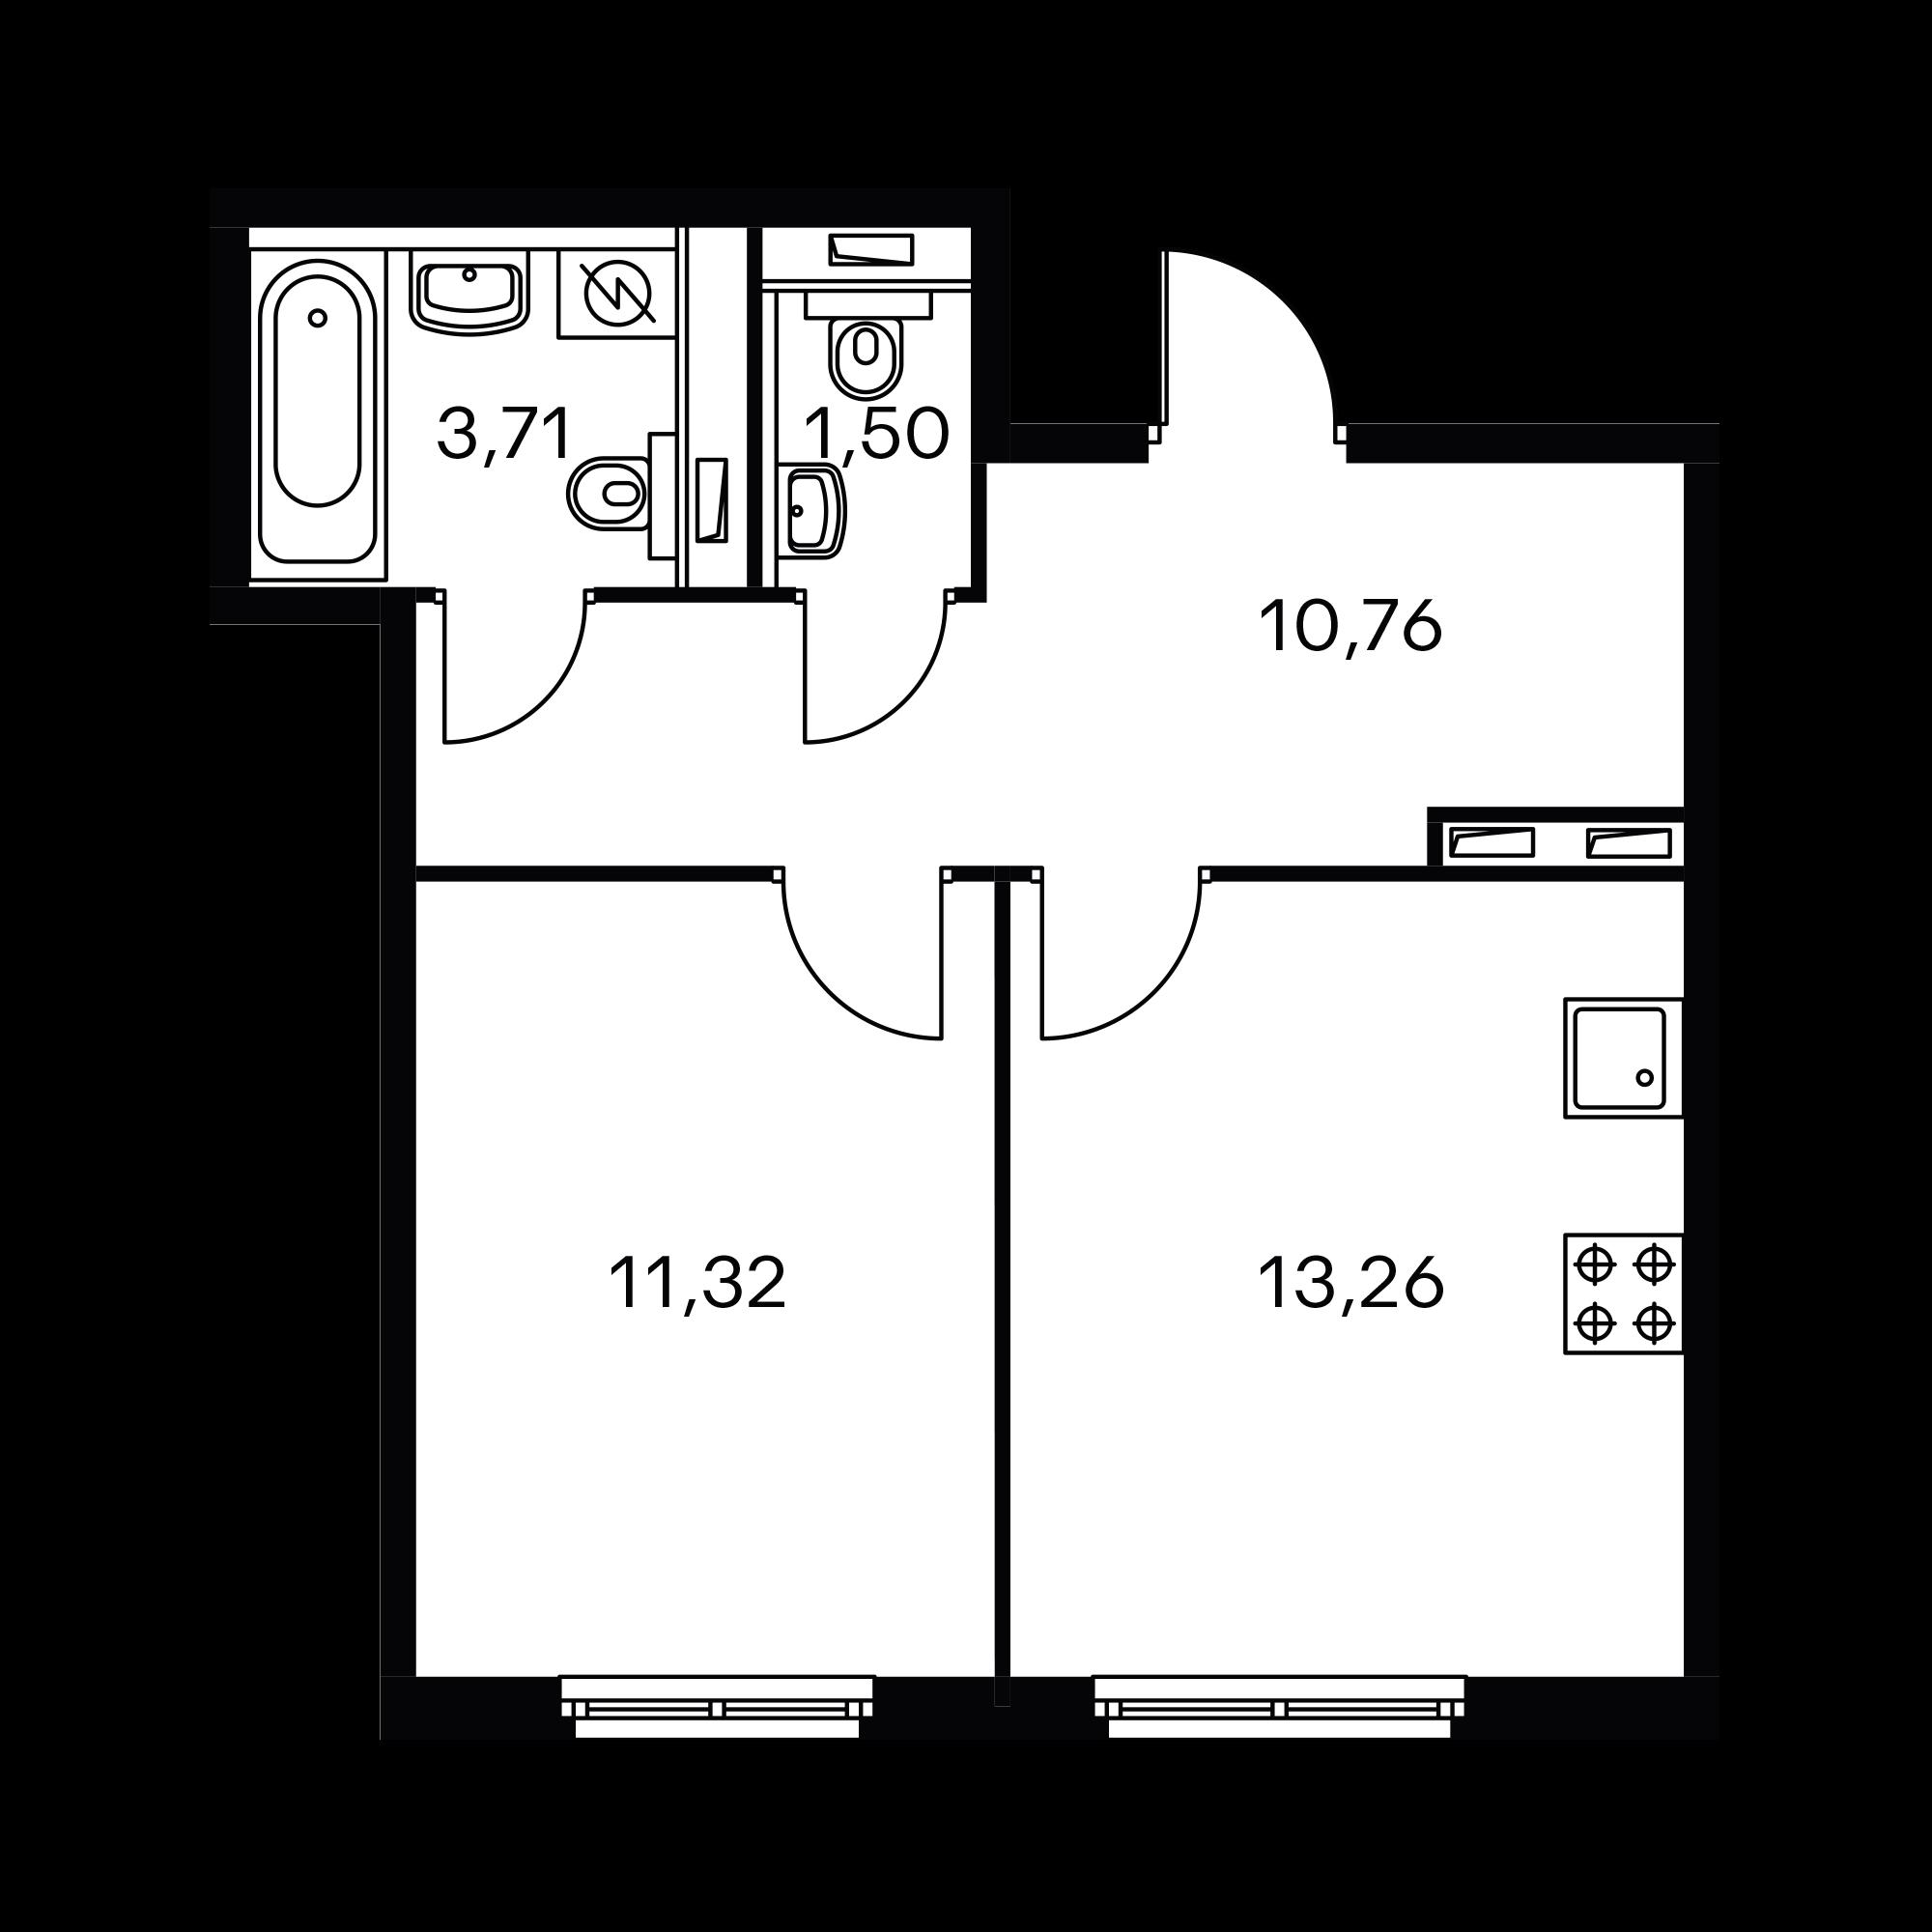 1KM1_6.6-1_S_A